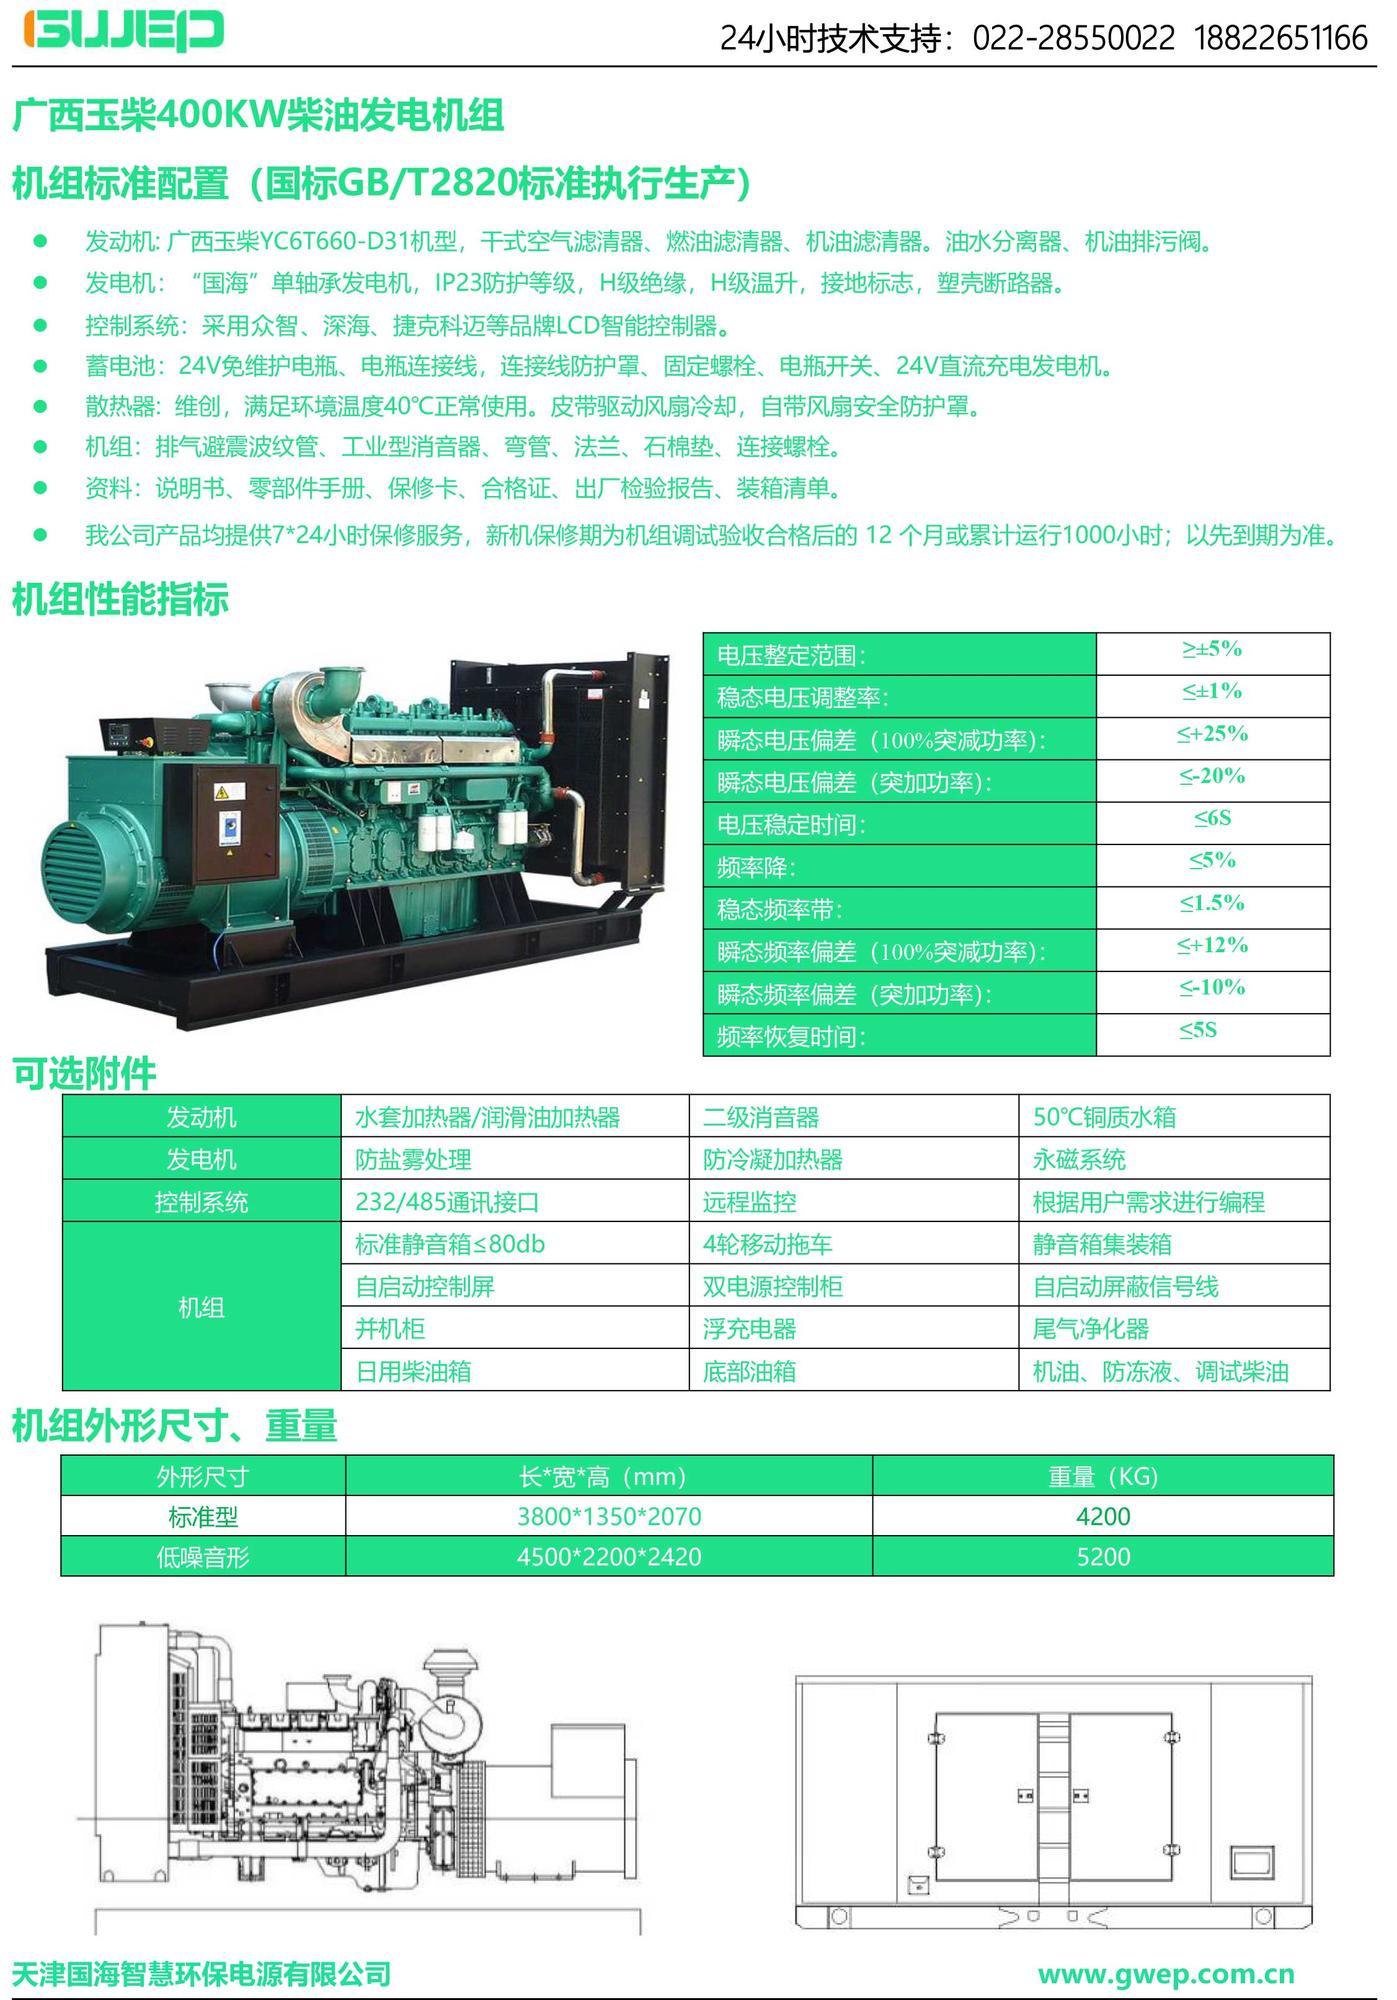 玉柴400KW发电机组技术资料-1.jpg